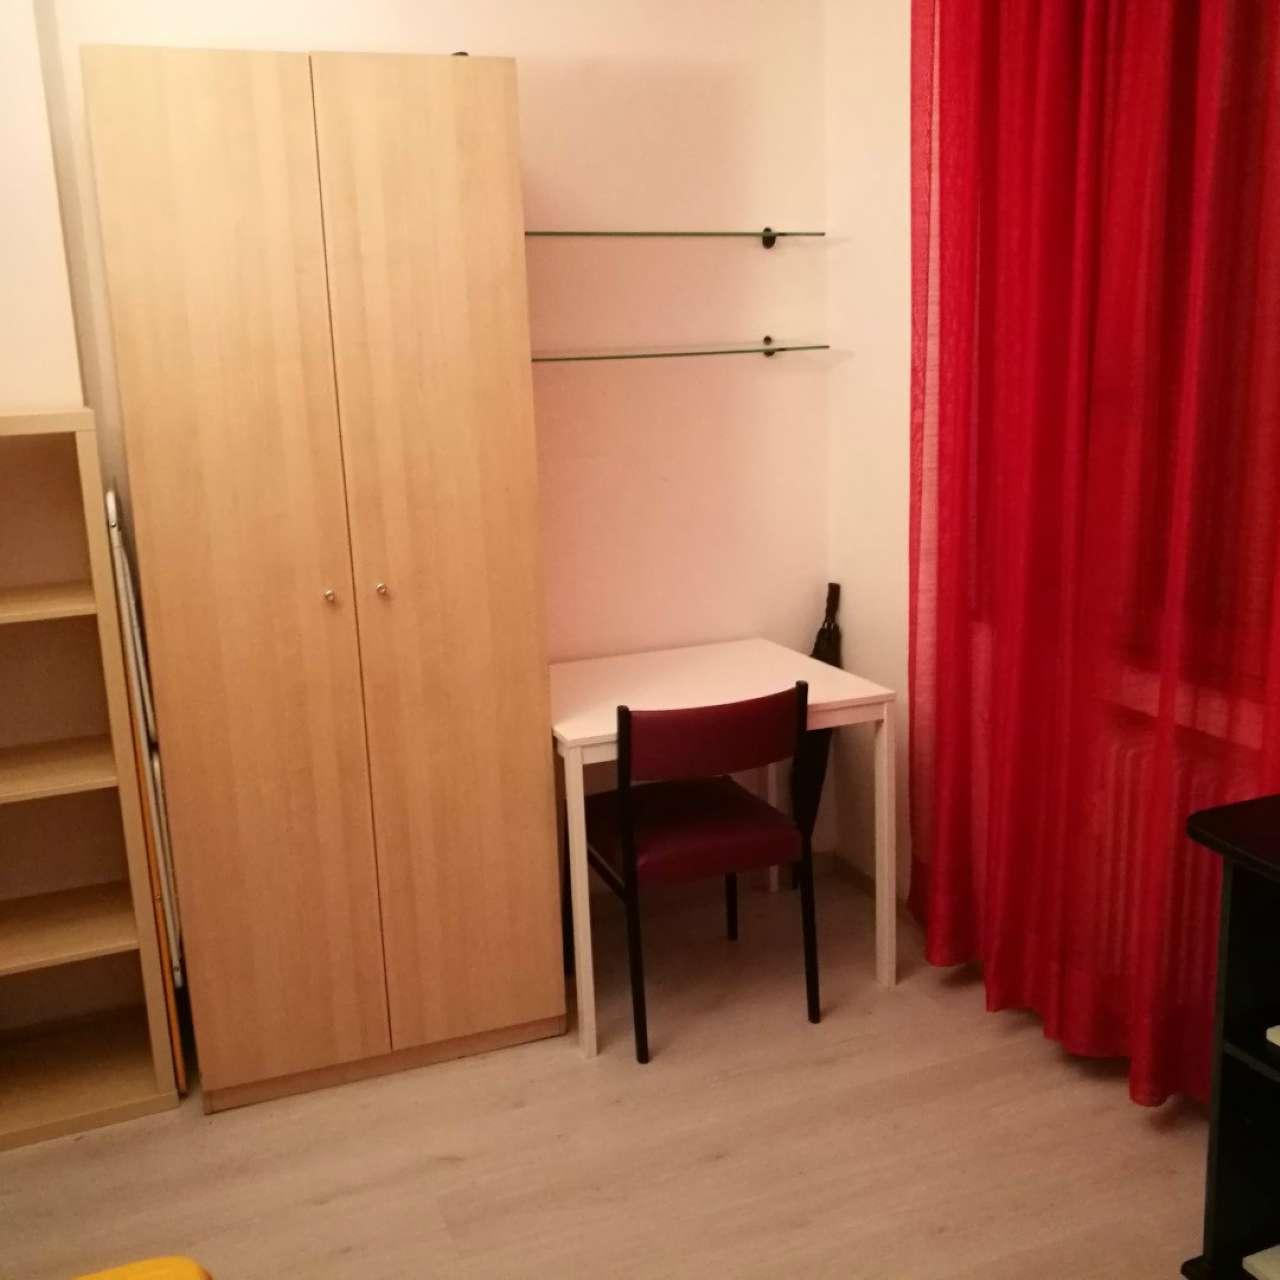 Appartamento PADOVA vendita  CENTRO  Agenzia Immobiliare SAN LEONARDO